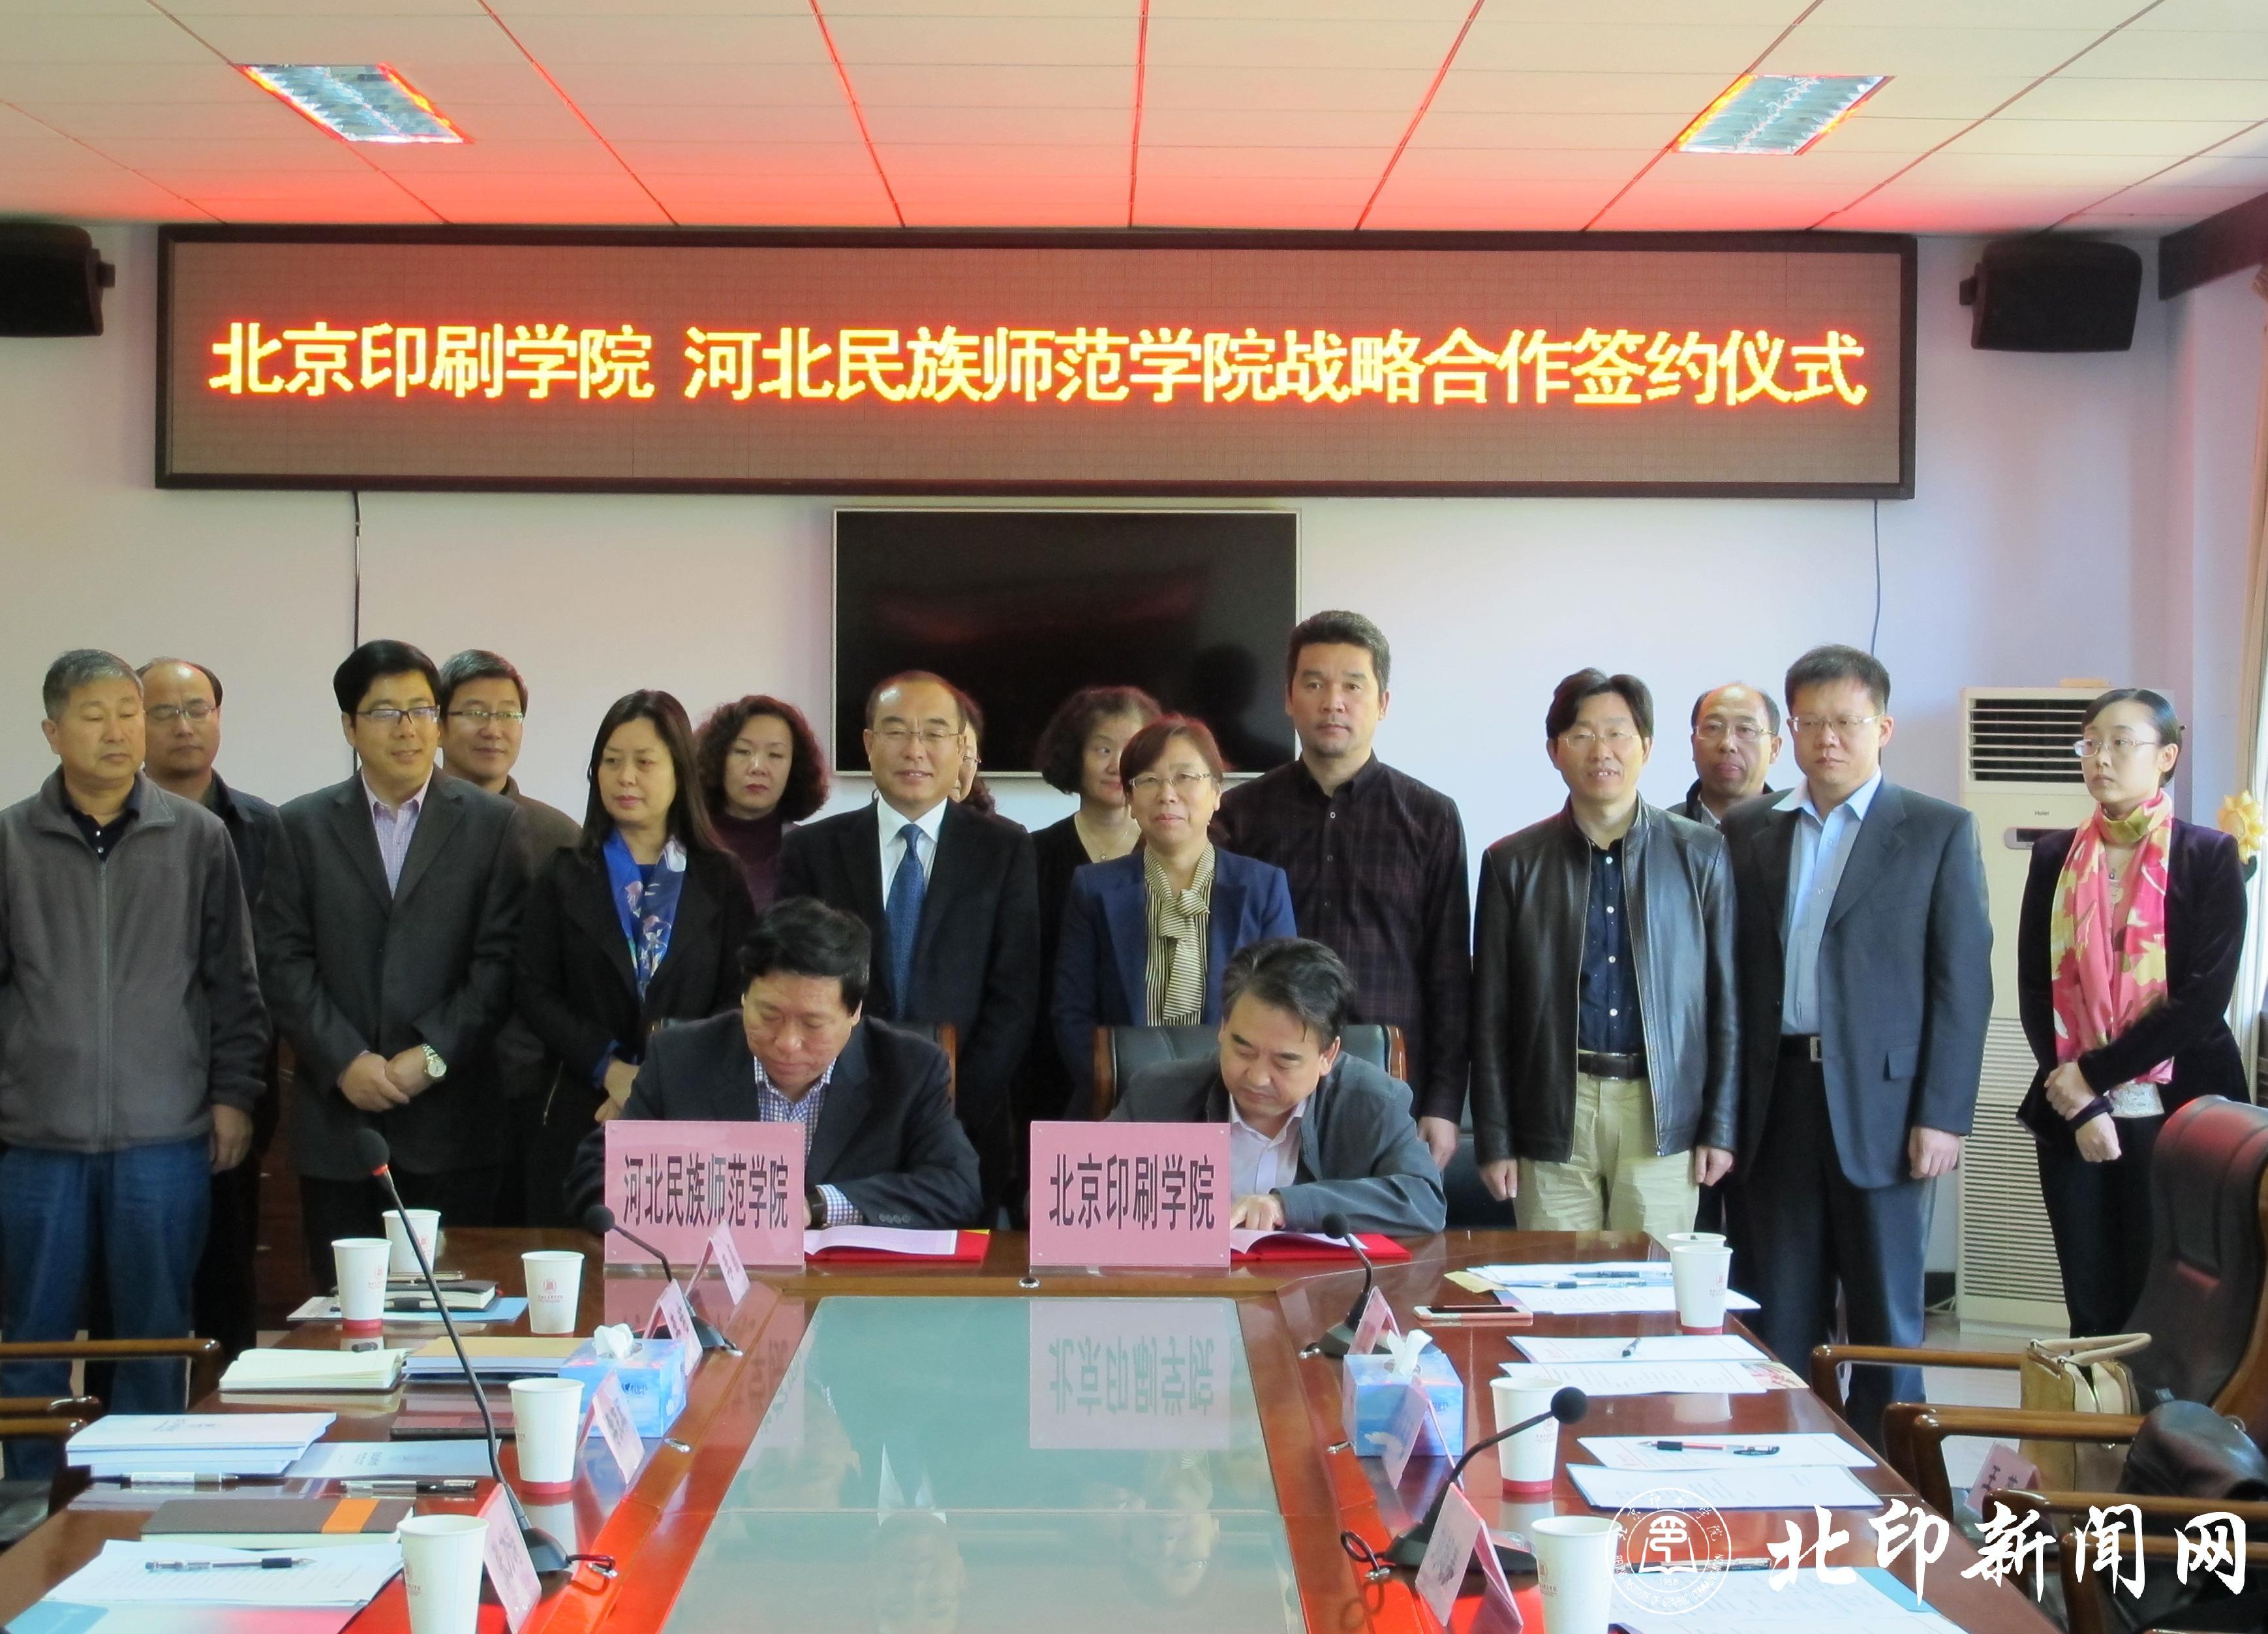 北印与河北民族师范学院签署战略合作框架协议